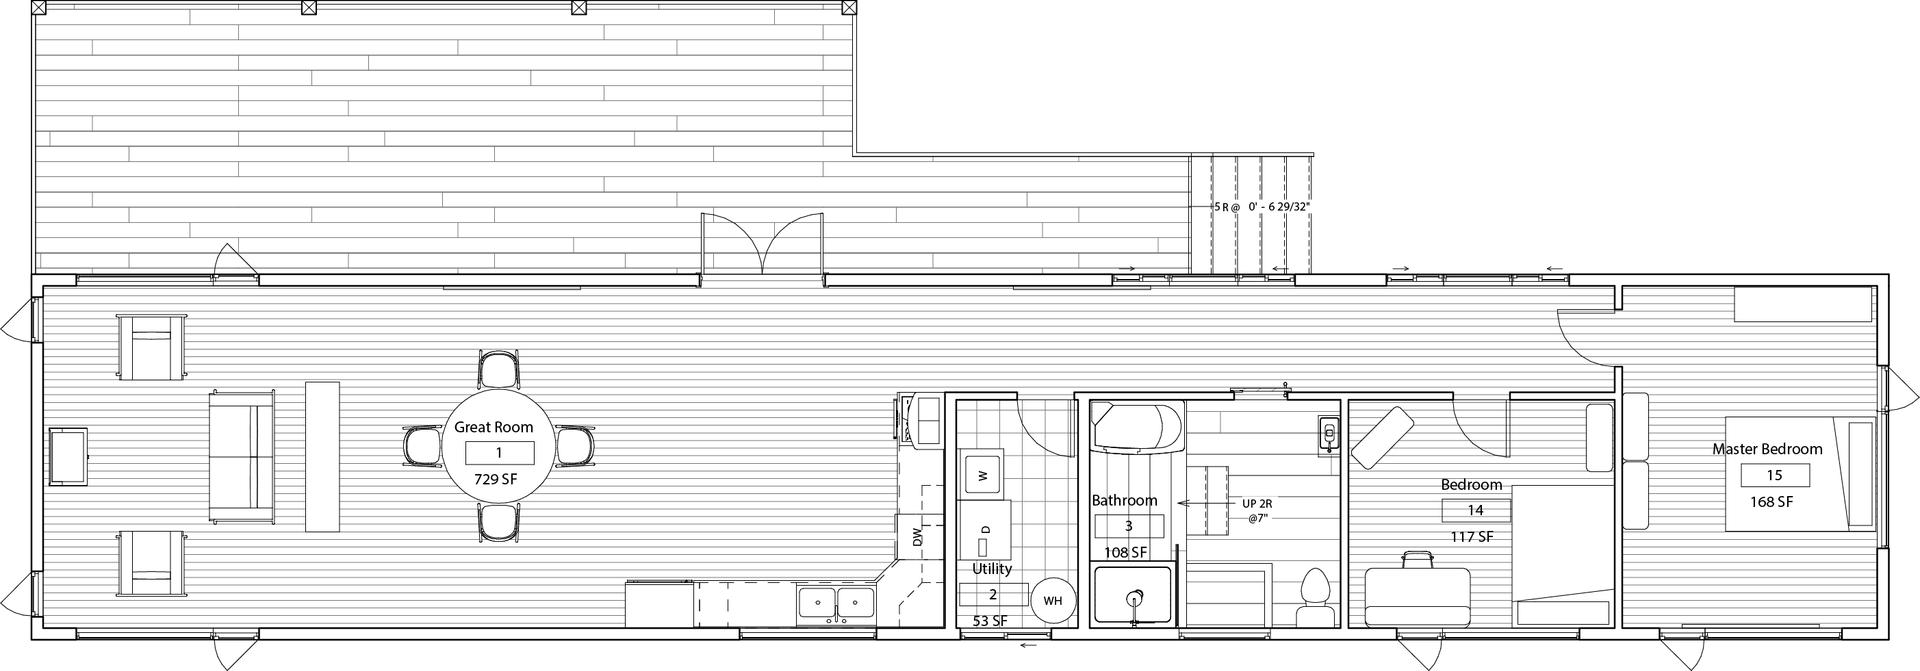 Floor Plan V.2